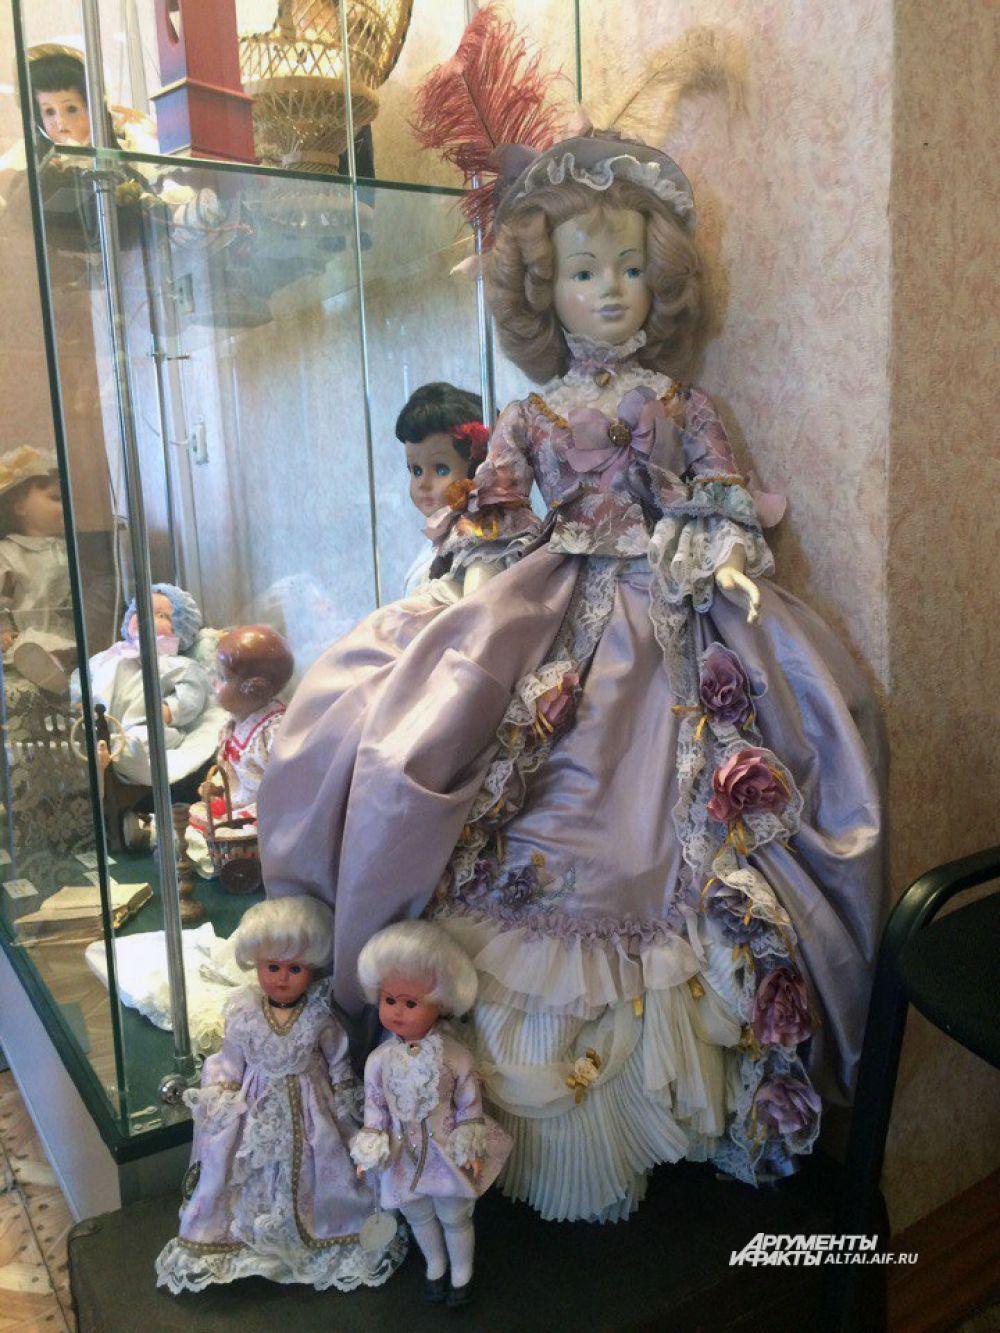 Французы использовали кукол для демонстрации модных нарядов.